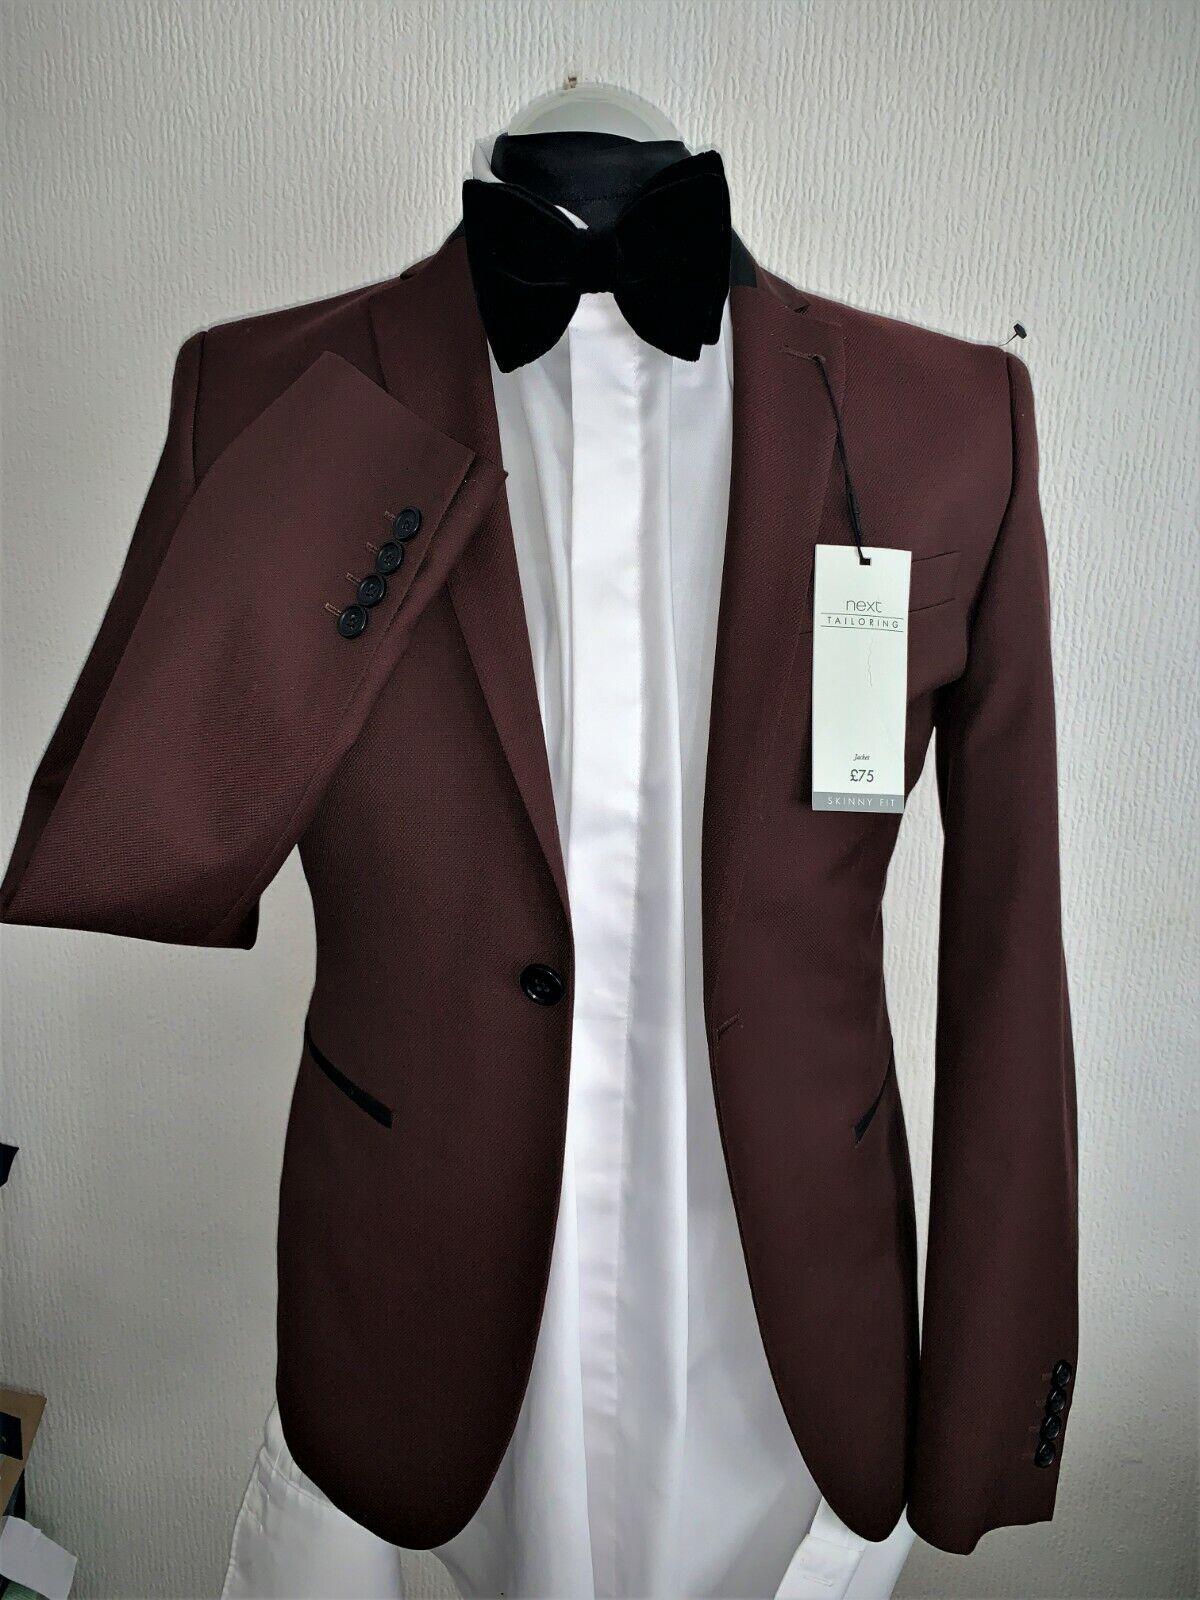 Próxima sastrería Vestido CENA FIESTA TRAJE Borgoña  Elastizado 36R TRS 32X33 BNWT  promociones emocionantes